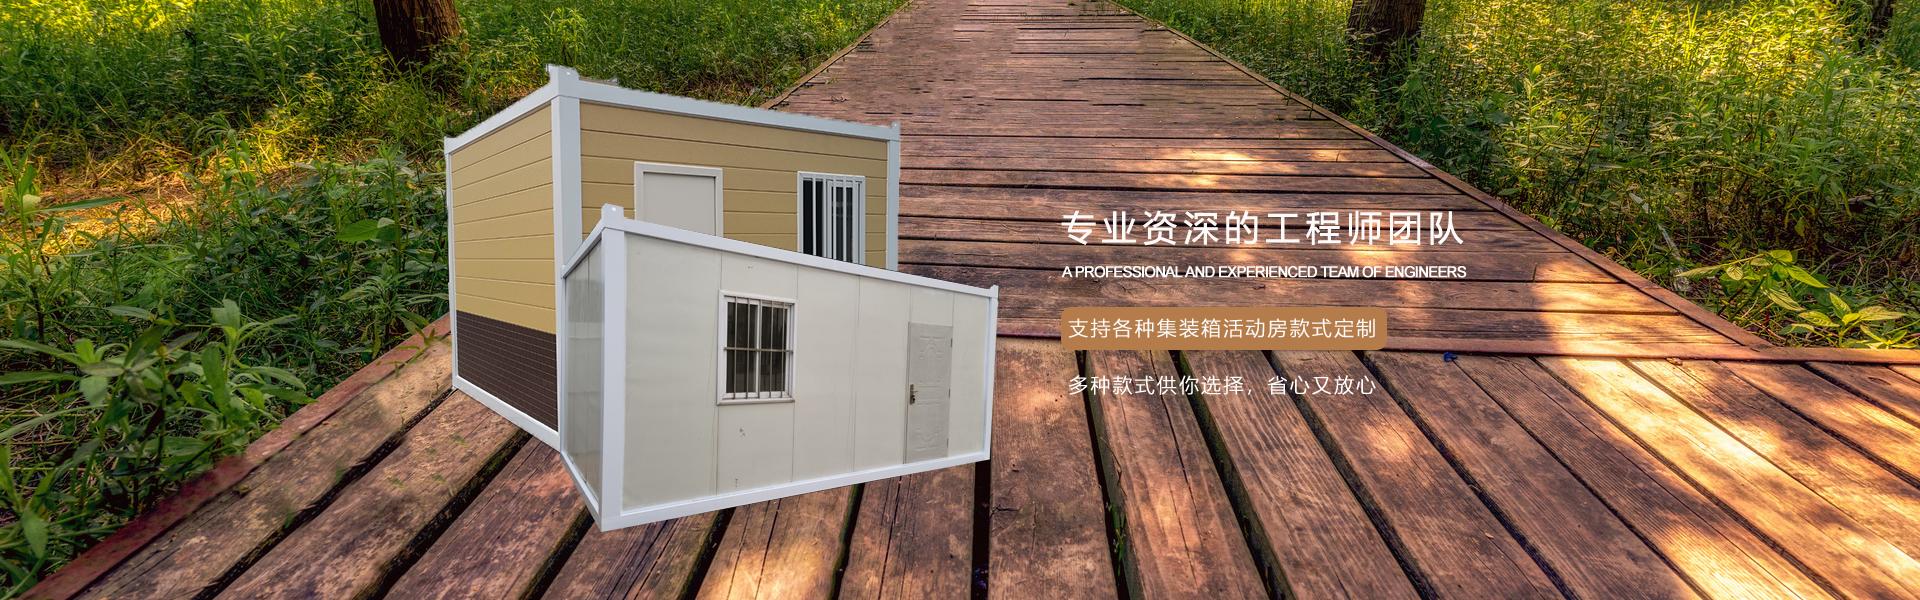 青岛岗亭,青岛保安岗亭,青岛集装箱活动房,日照不锈钢岗亭,烟台钢结构岗亭